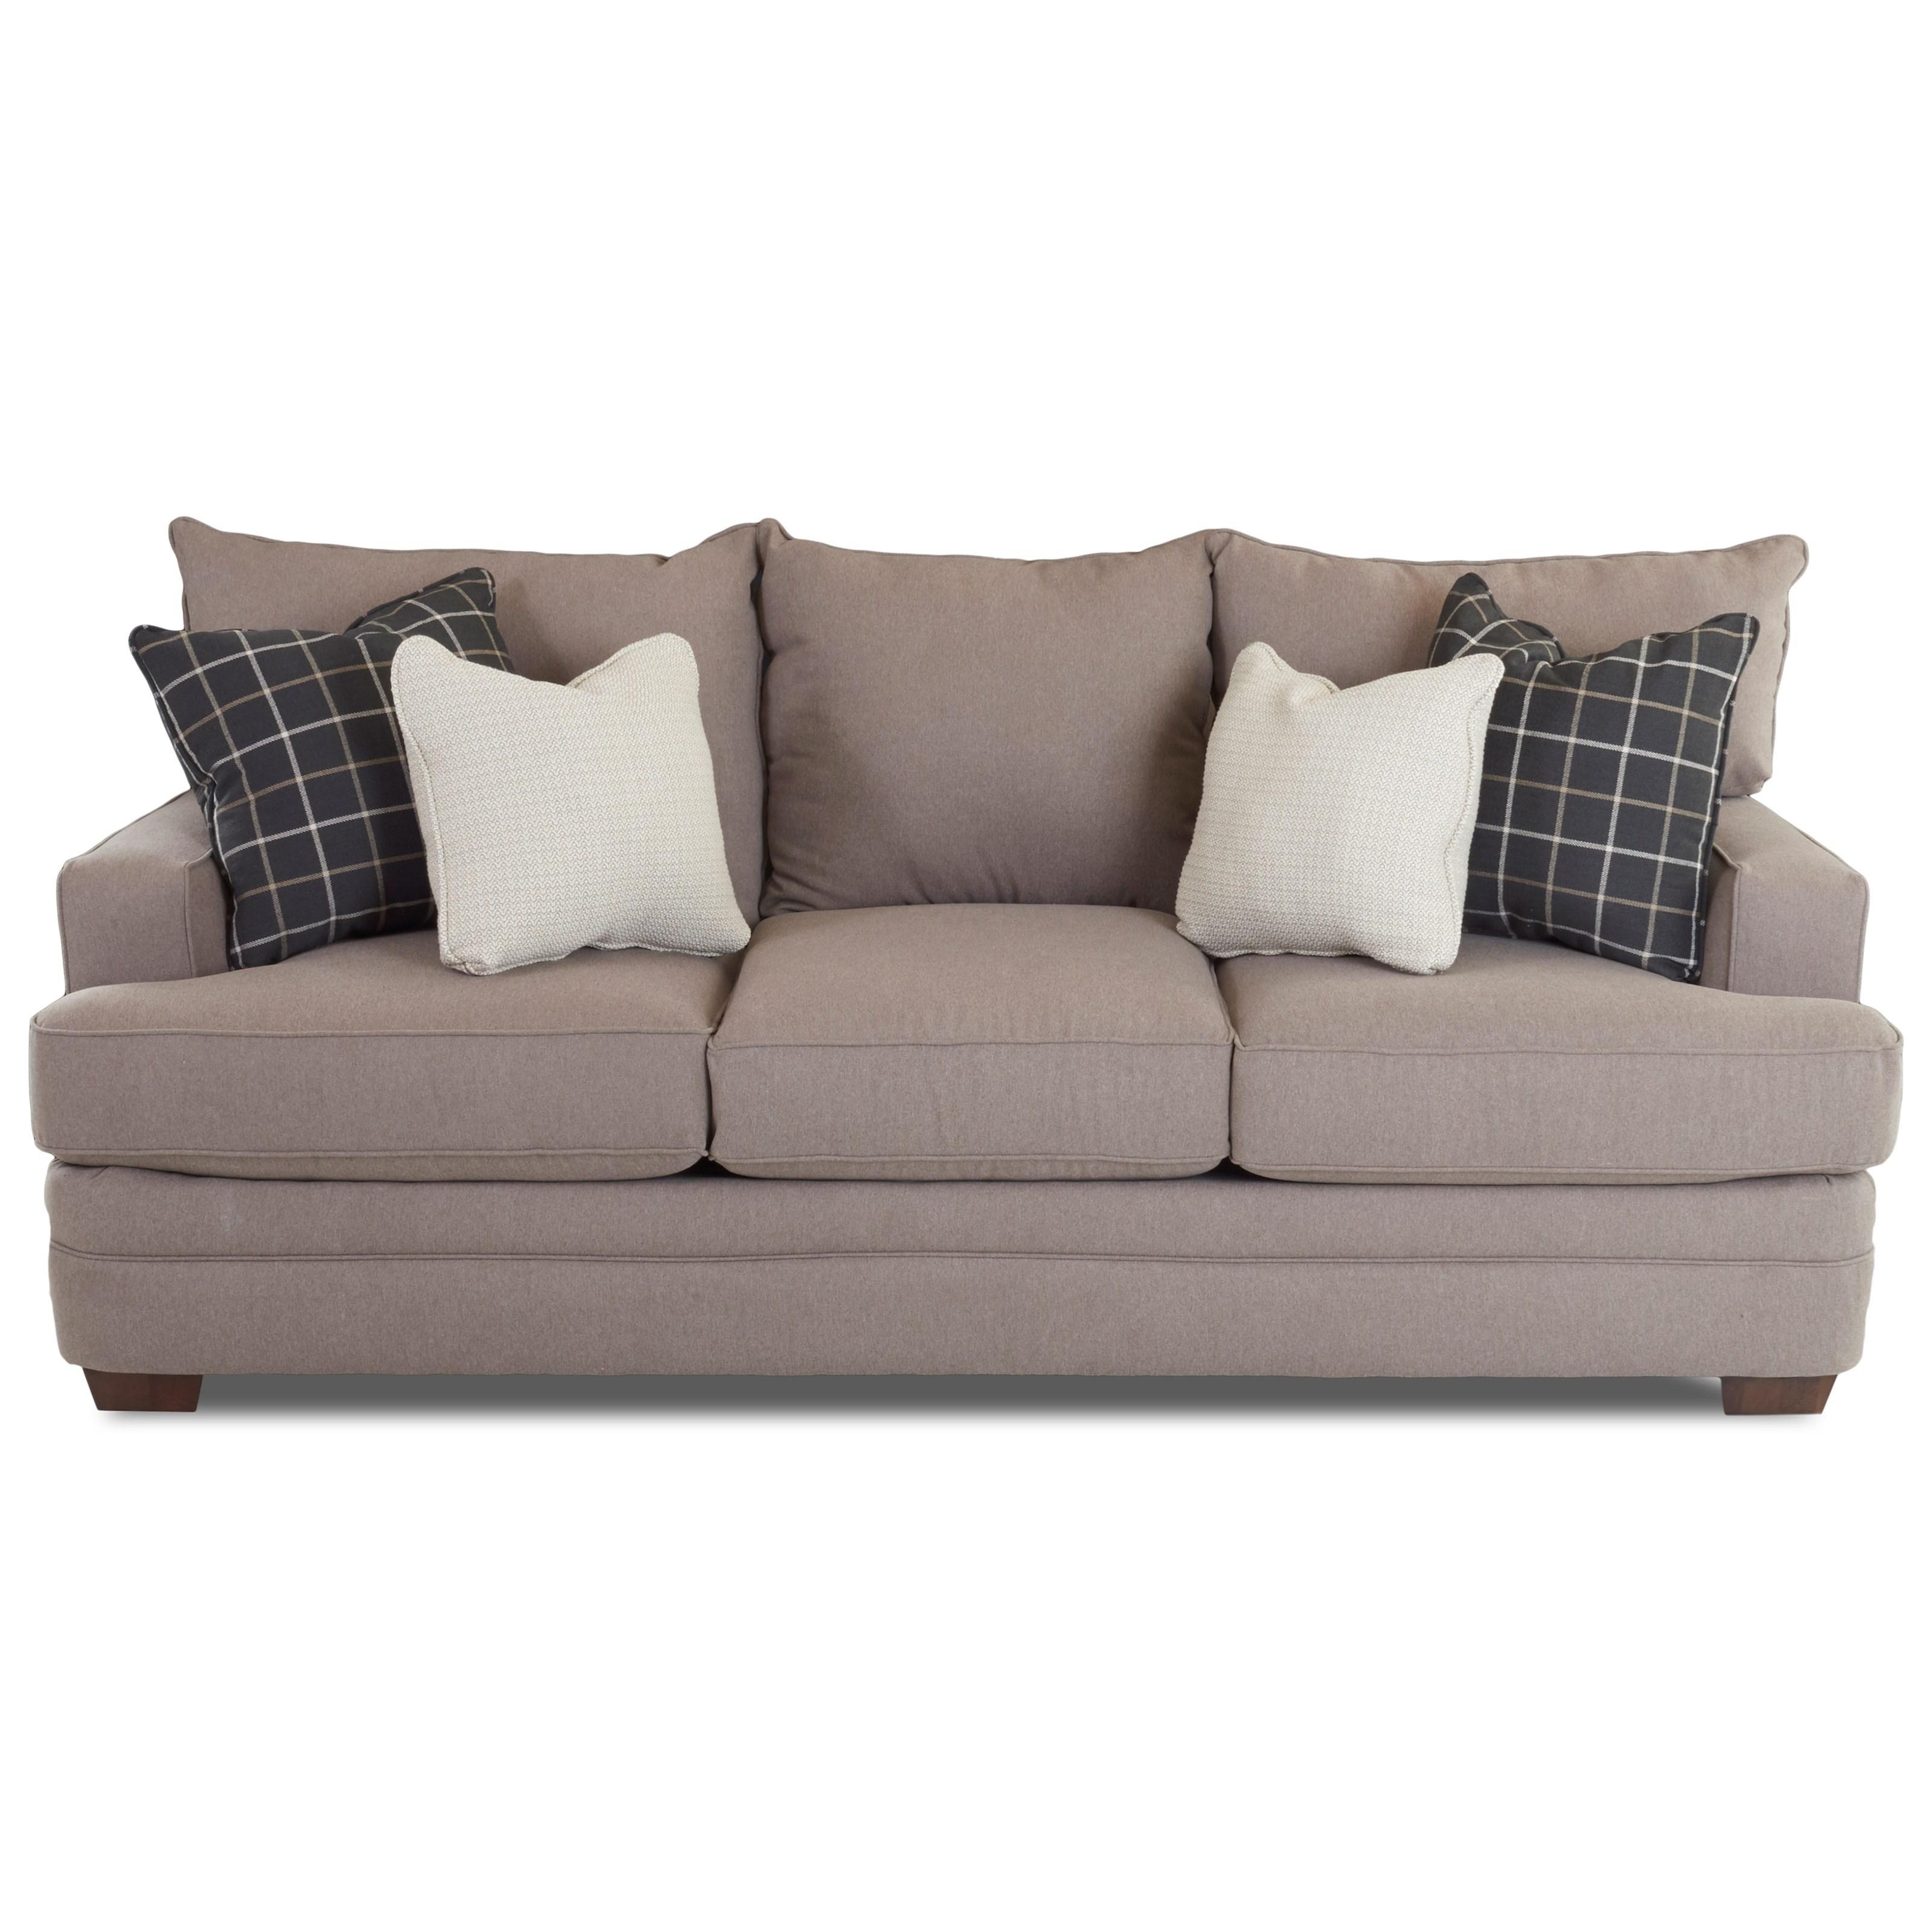 Chadwick Chadwick Sofa by Klaussner at Johnny Janosik